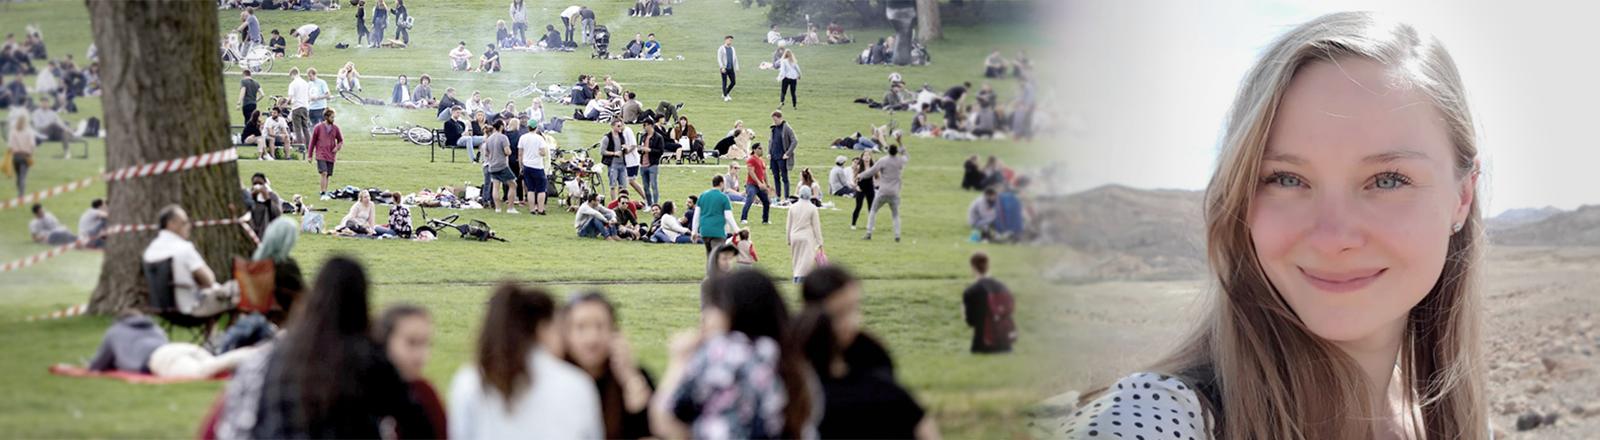 Links: Menschengruppen im Park, rechts: Judith Fürstenberg lächelt in die Kamera.